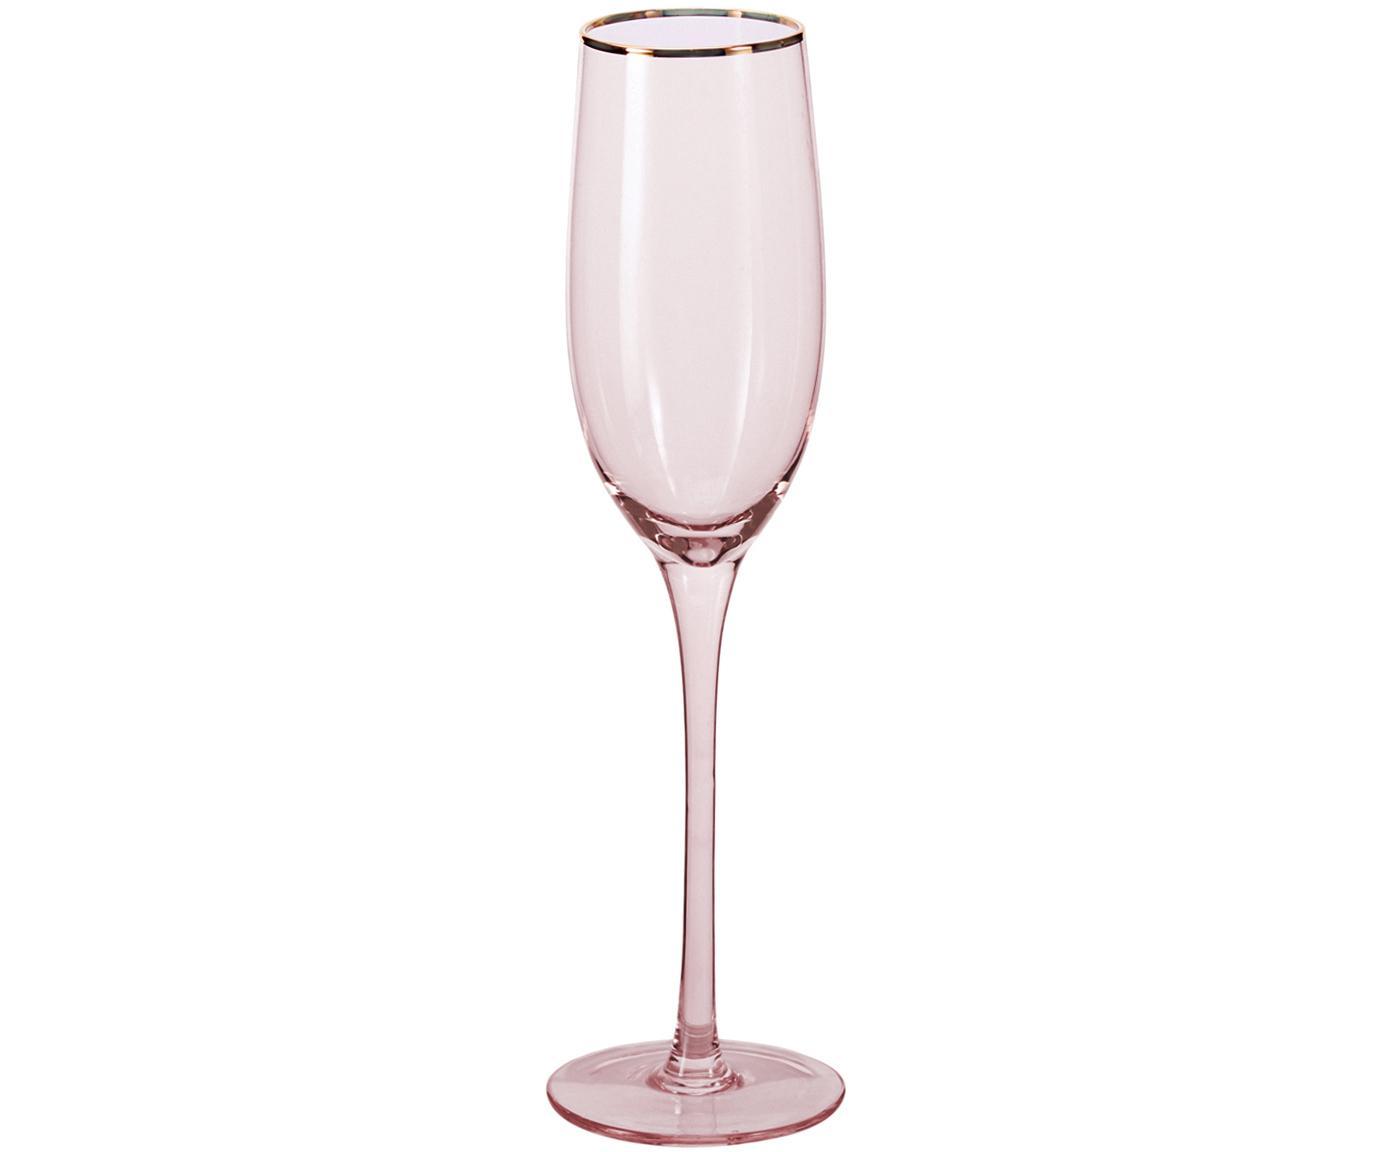 Kieliszek do szampana Chloe, 4 elem., Szkło, Brzoskwiniowy, Ø 7 x W 25 cm